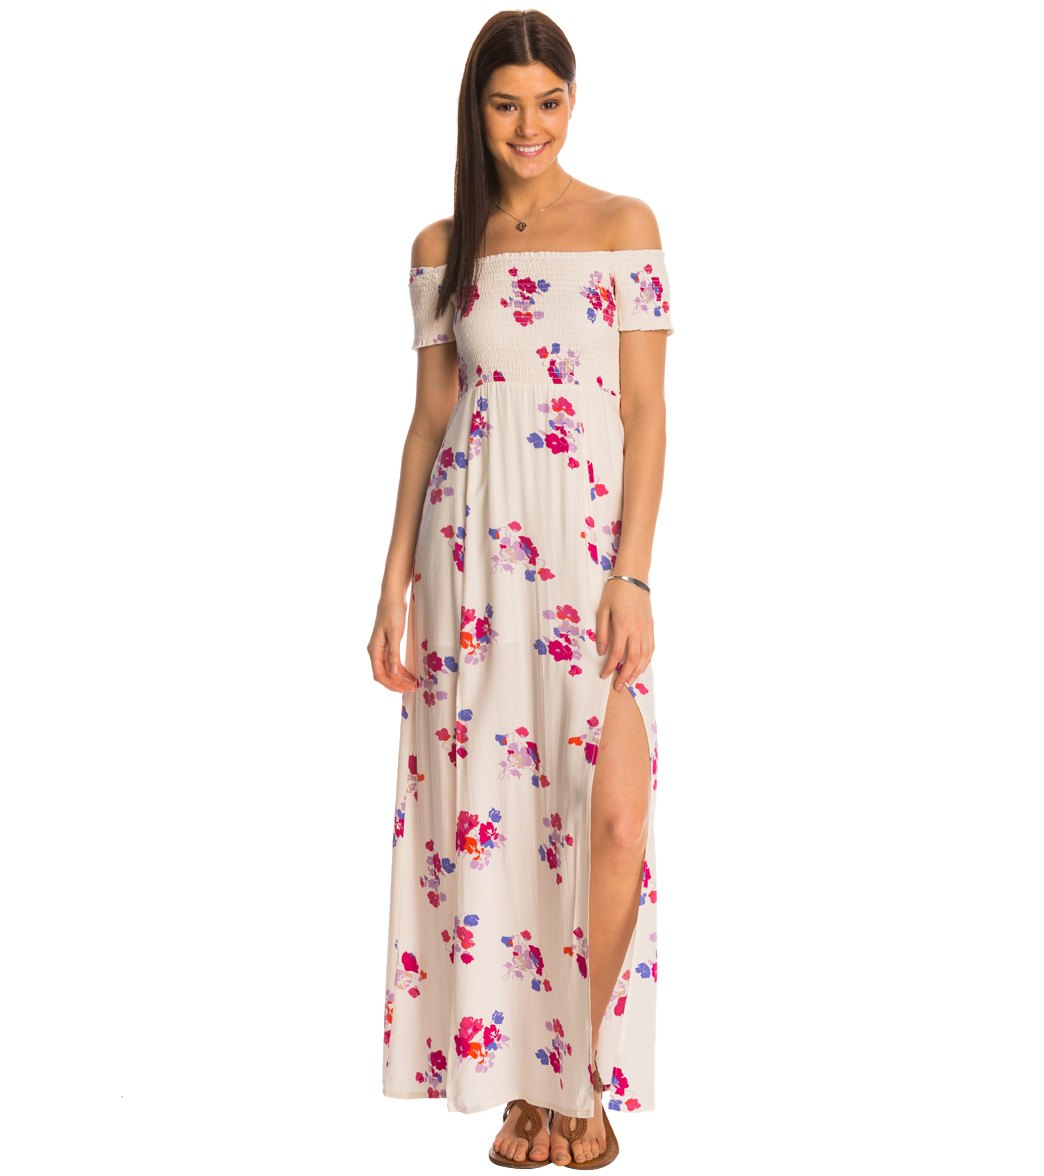 df3993e2b65 MINKPINK Falling Blooms Off Shoulder Maxi Dress at SwimOutlet.com ...